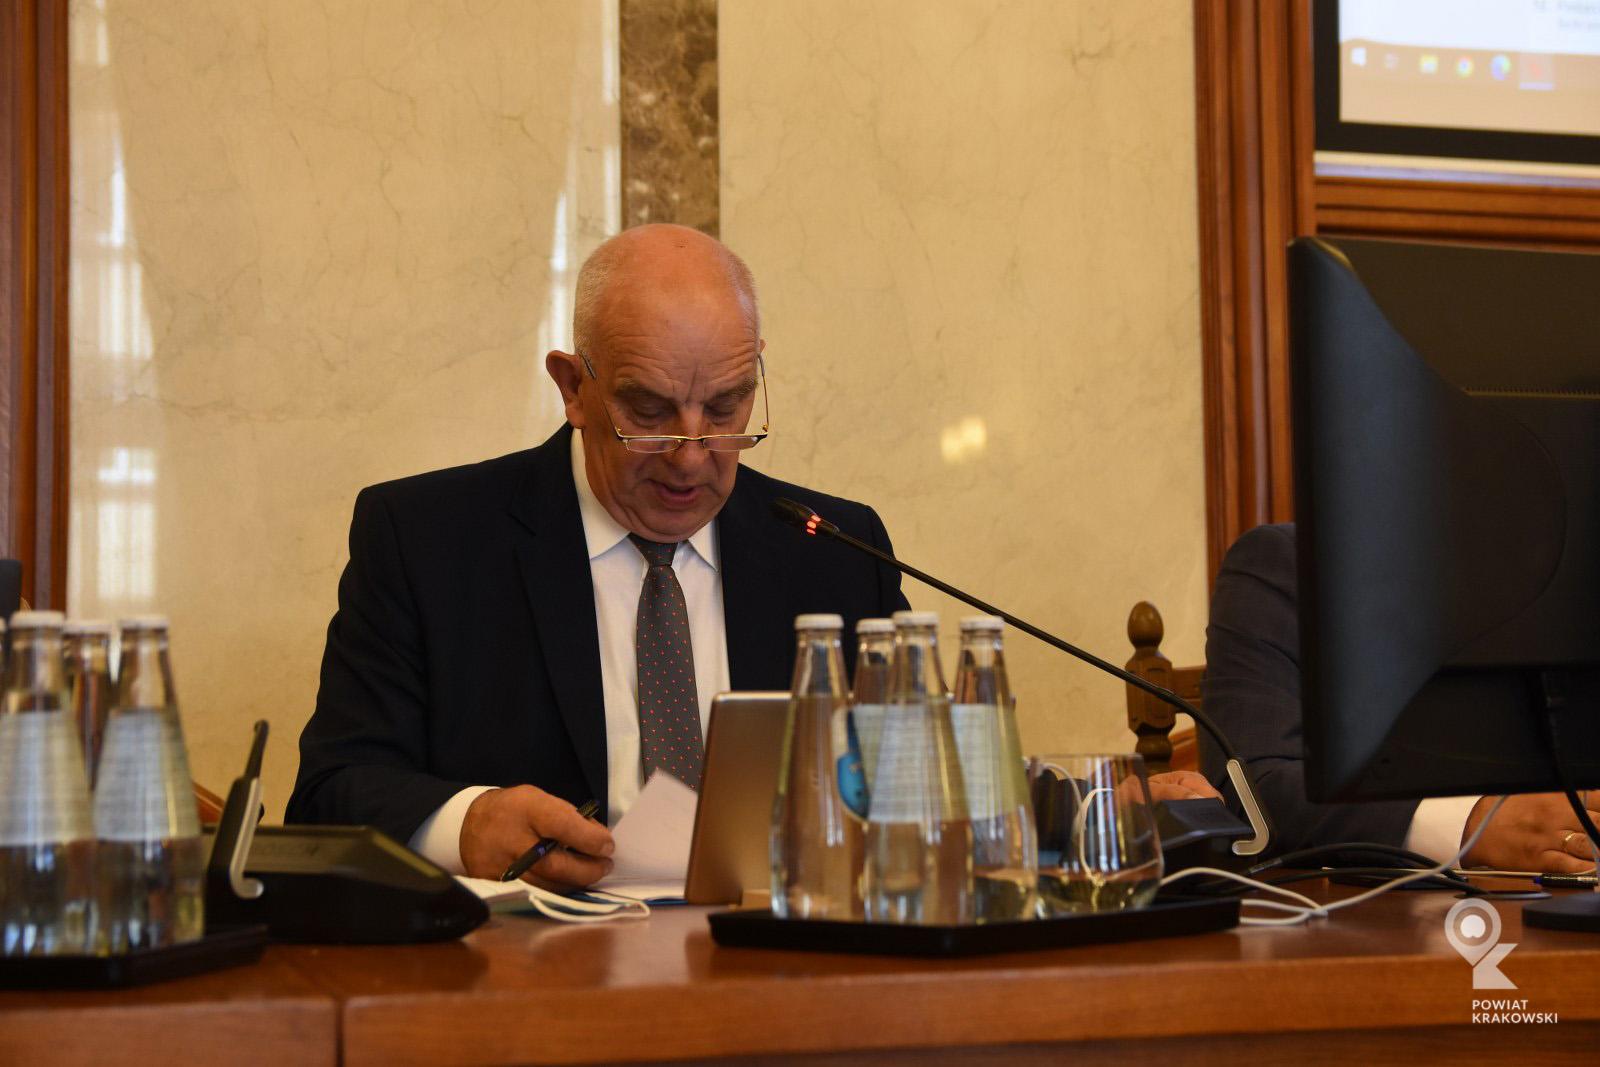 Przewodniczący Rady Powiatu w Krakowie siedzi za biurkiem, patrzy w notatki